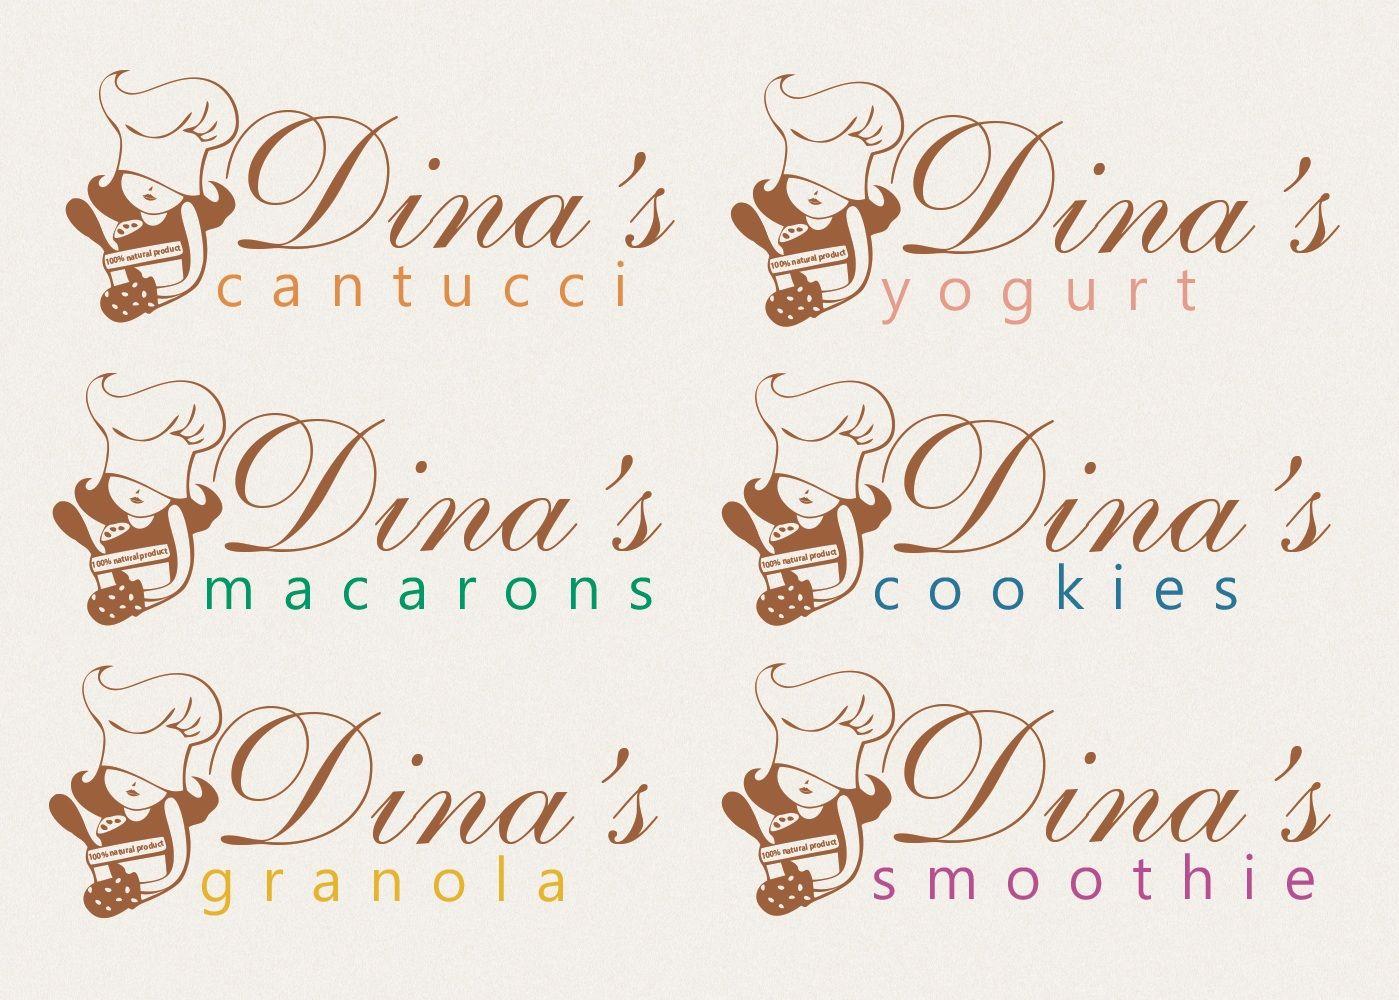 Лого для кондитерских изделий DINA's - дизайнер maximstinson